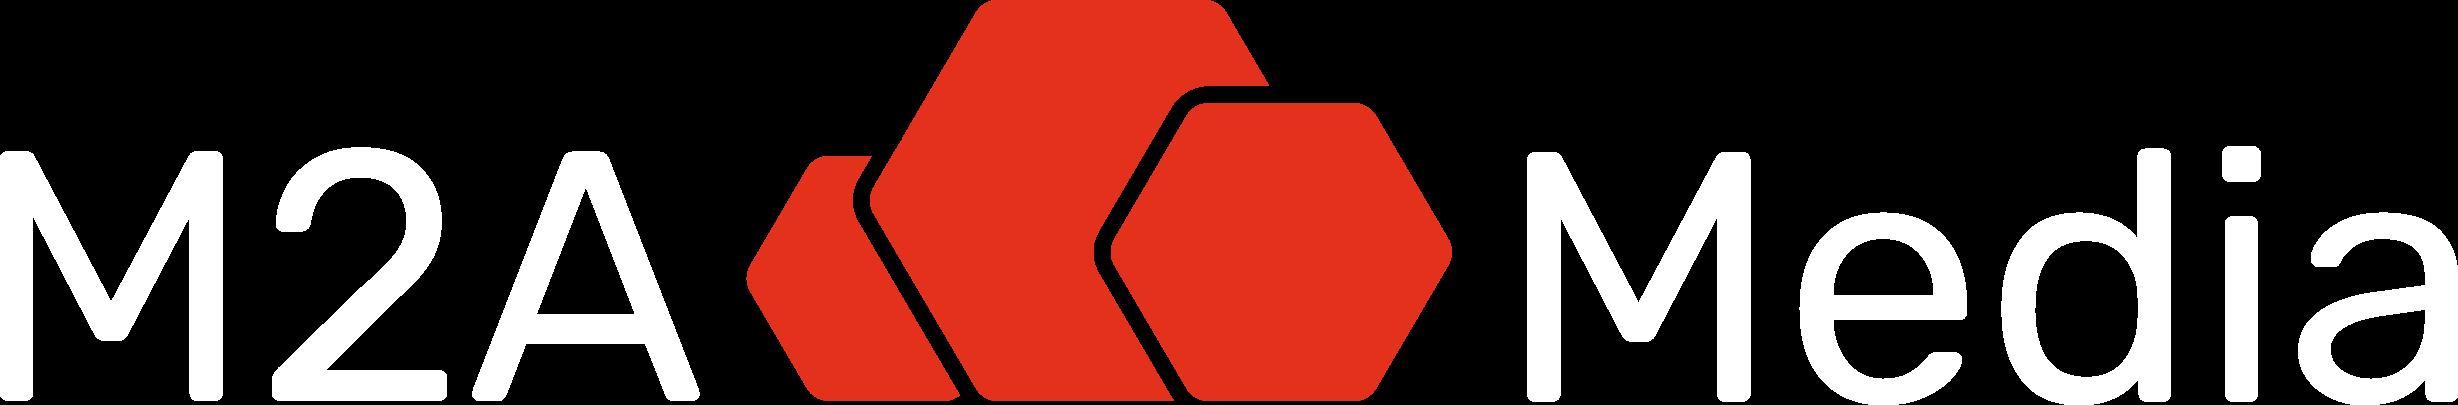 m2a-media-logo